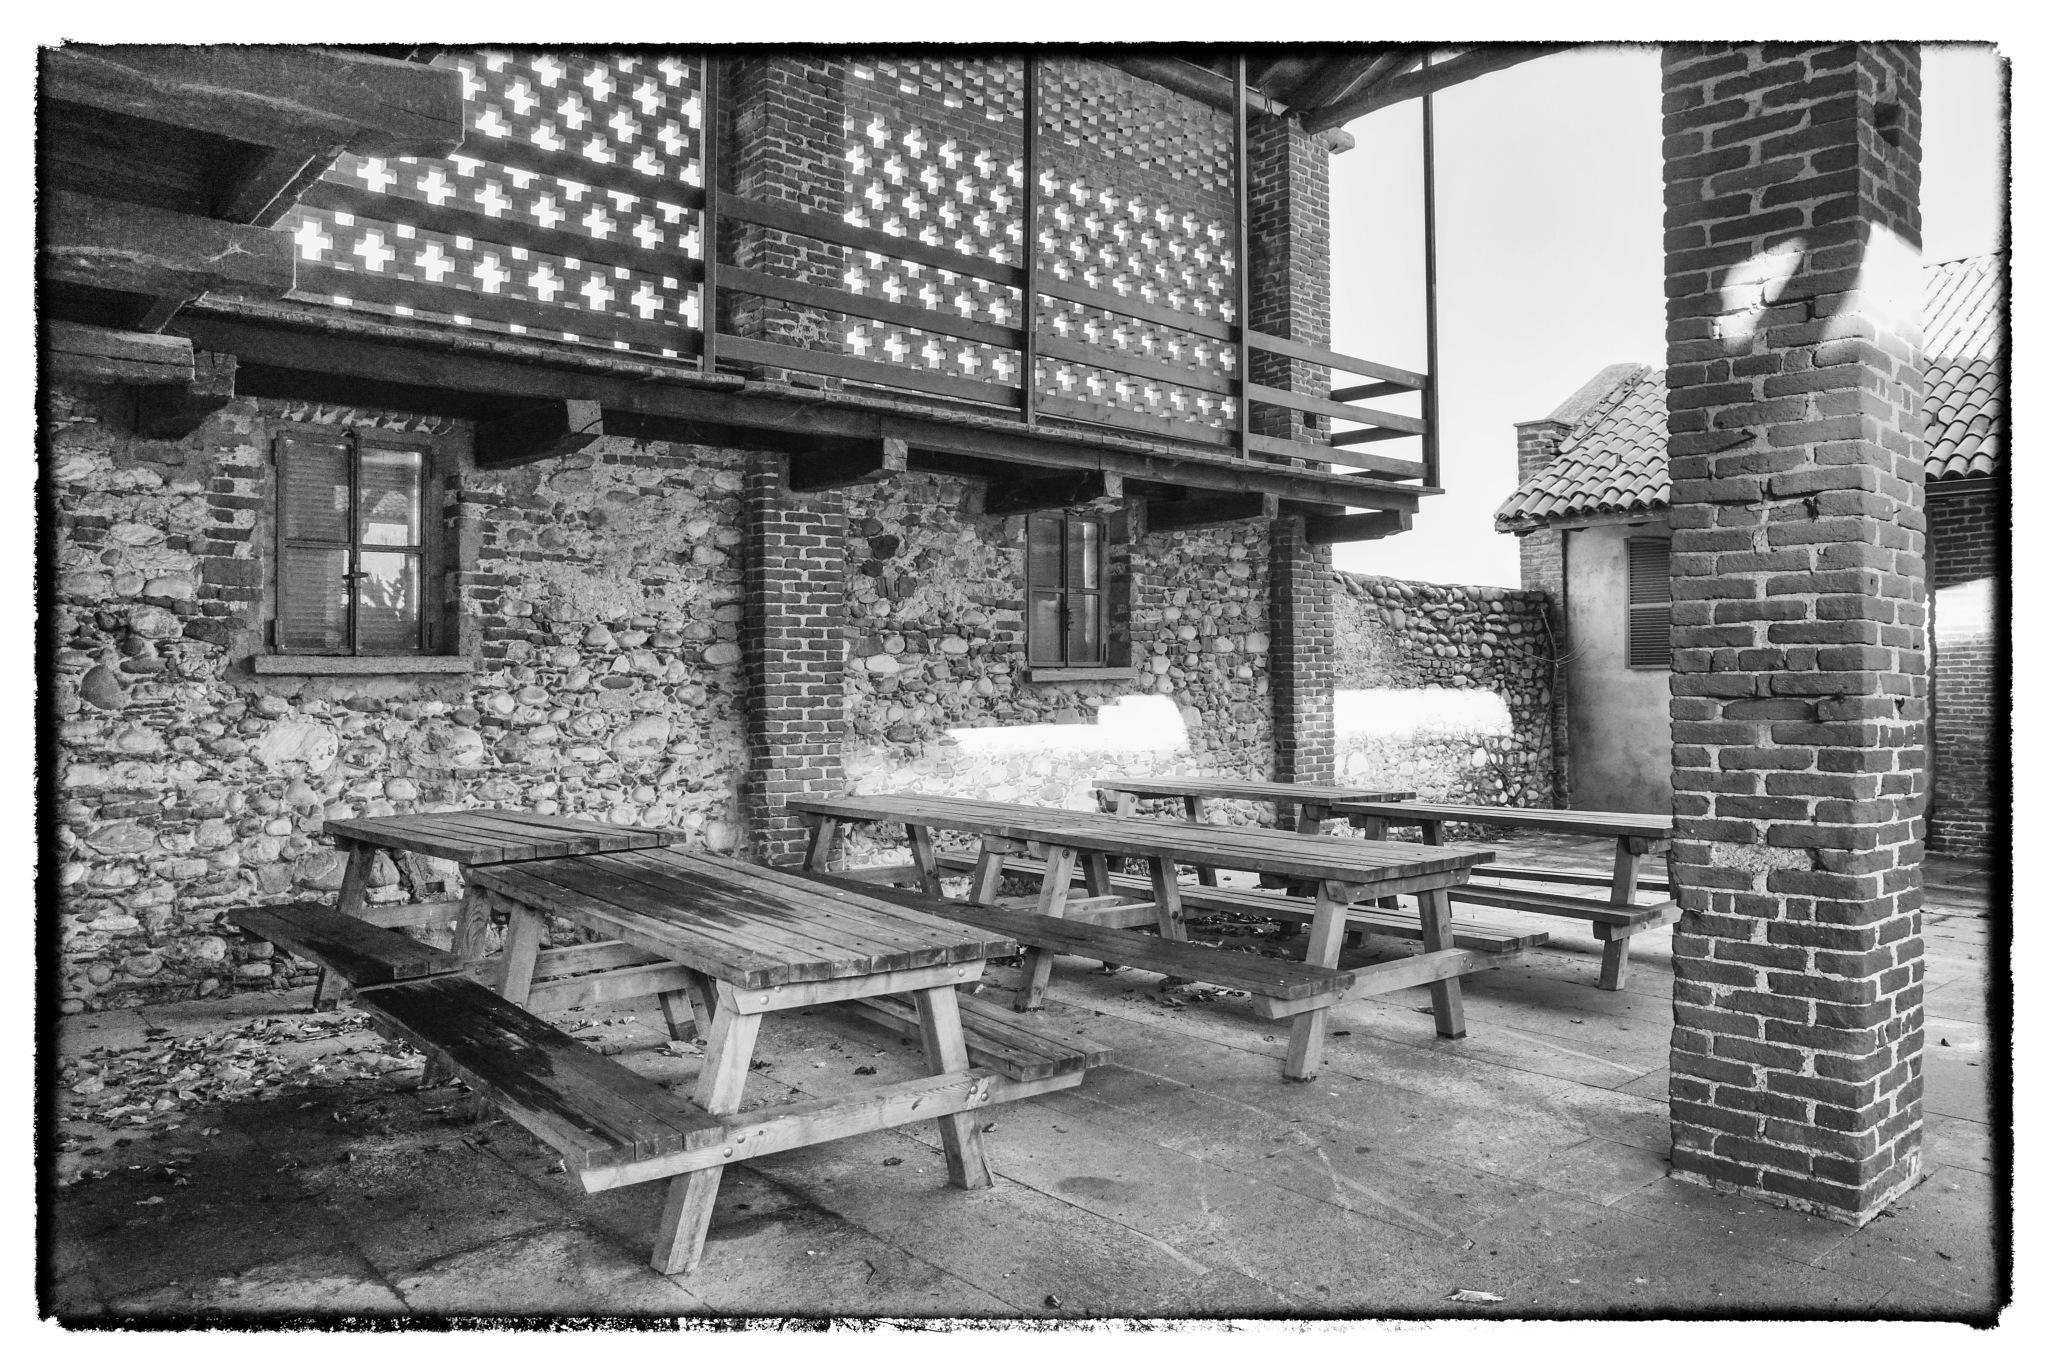 tavoli sotto al porticato by bcorech